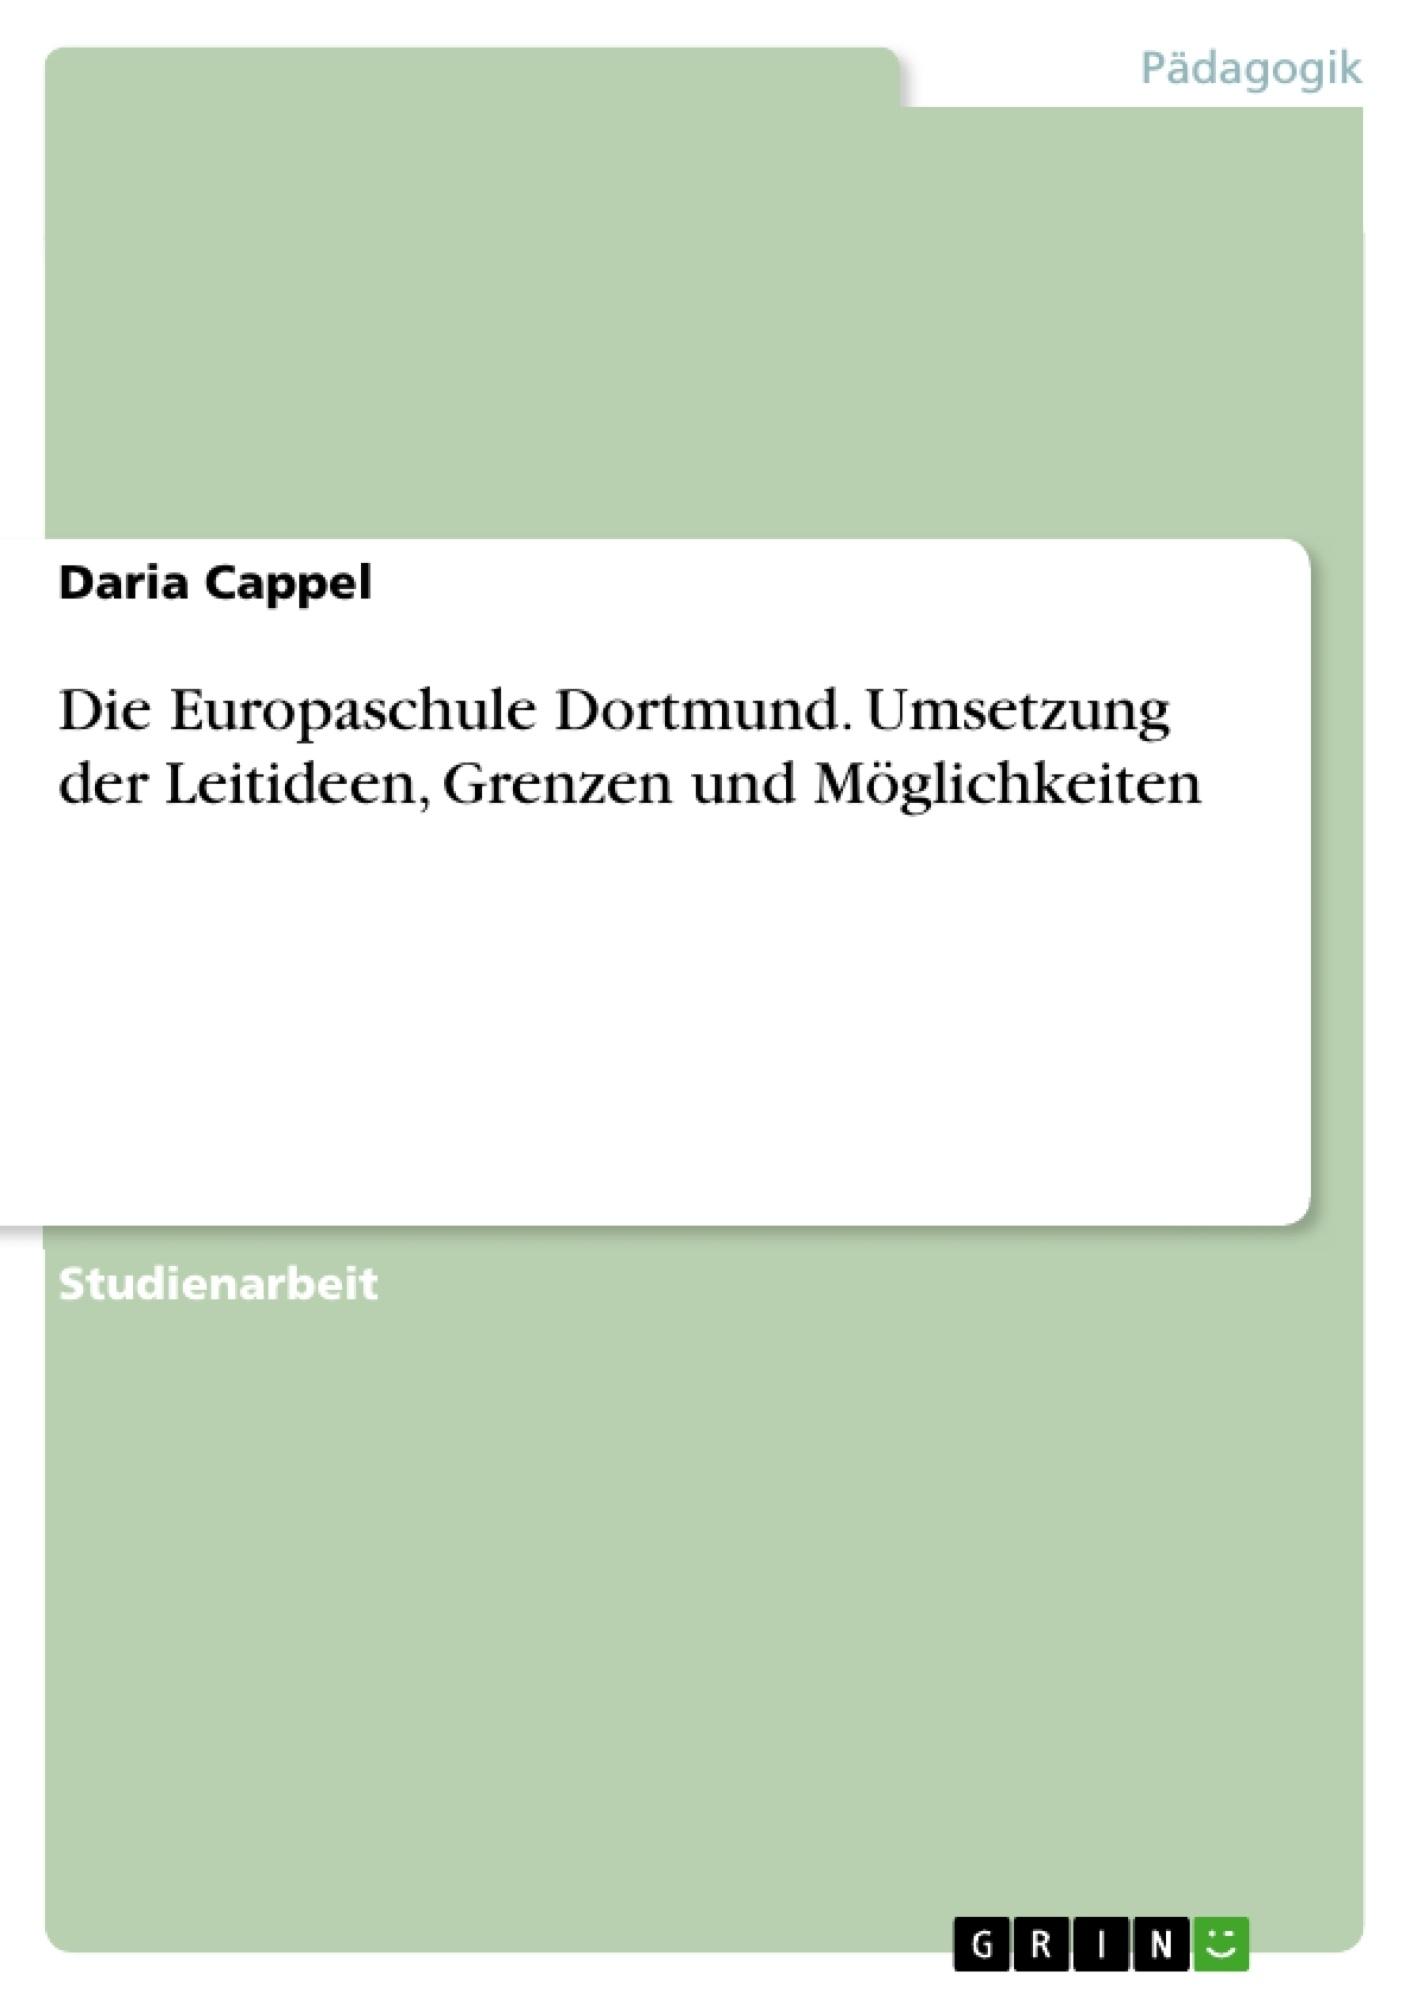 Titel: Die Europaschule Dortmund. Umsetzung der Leitideen, Grenzen und Möglichkeiten